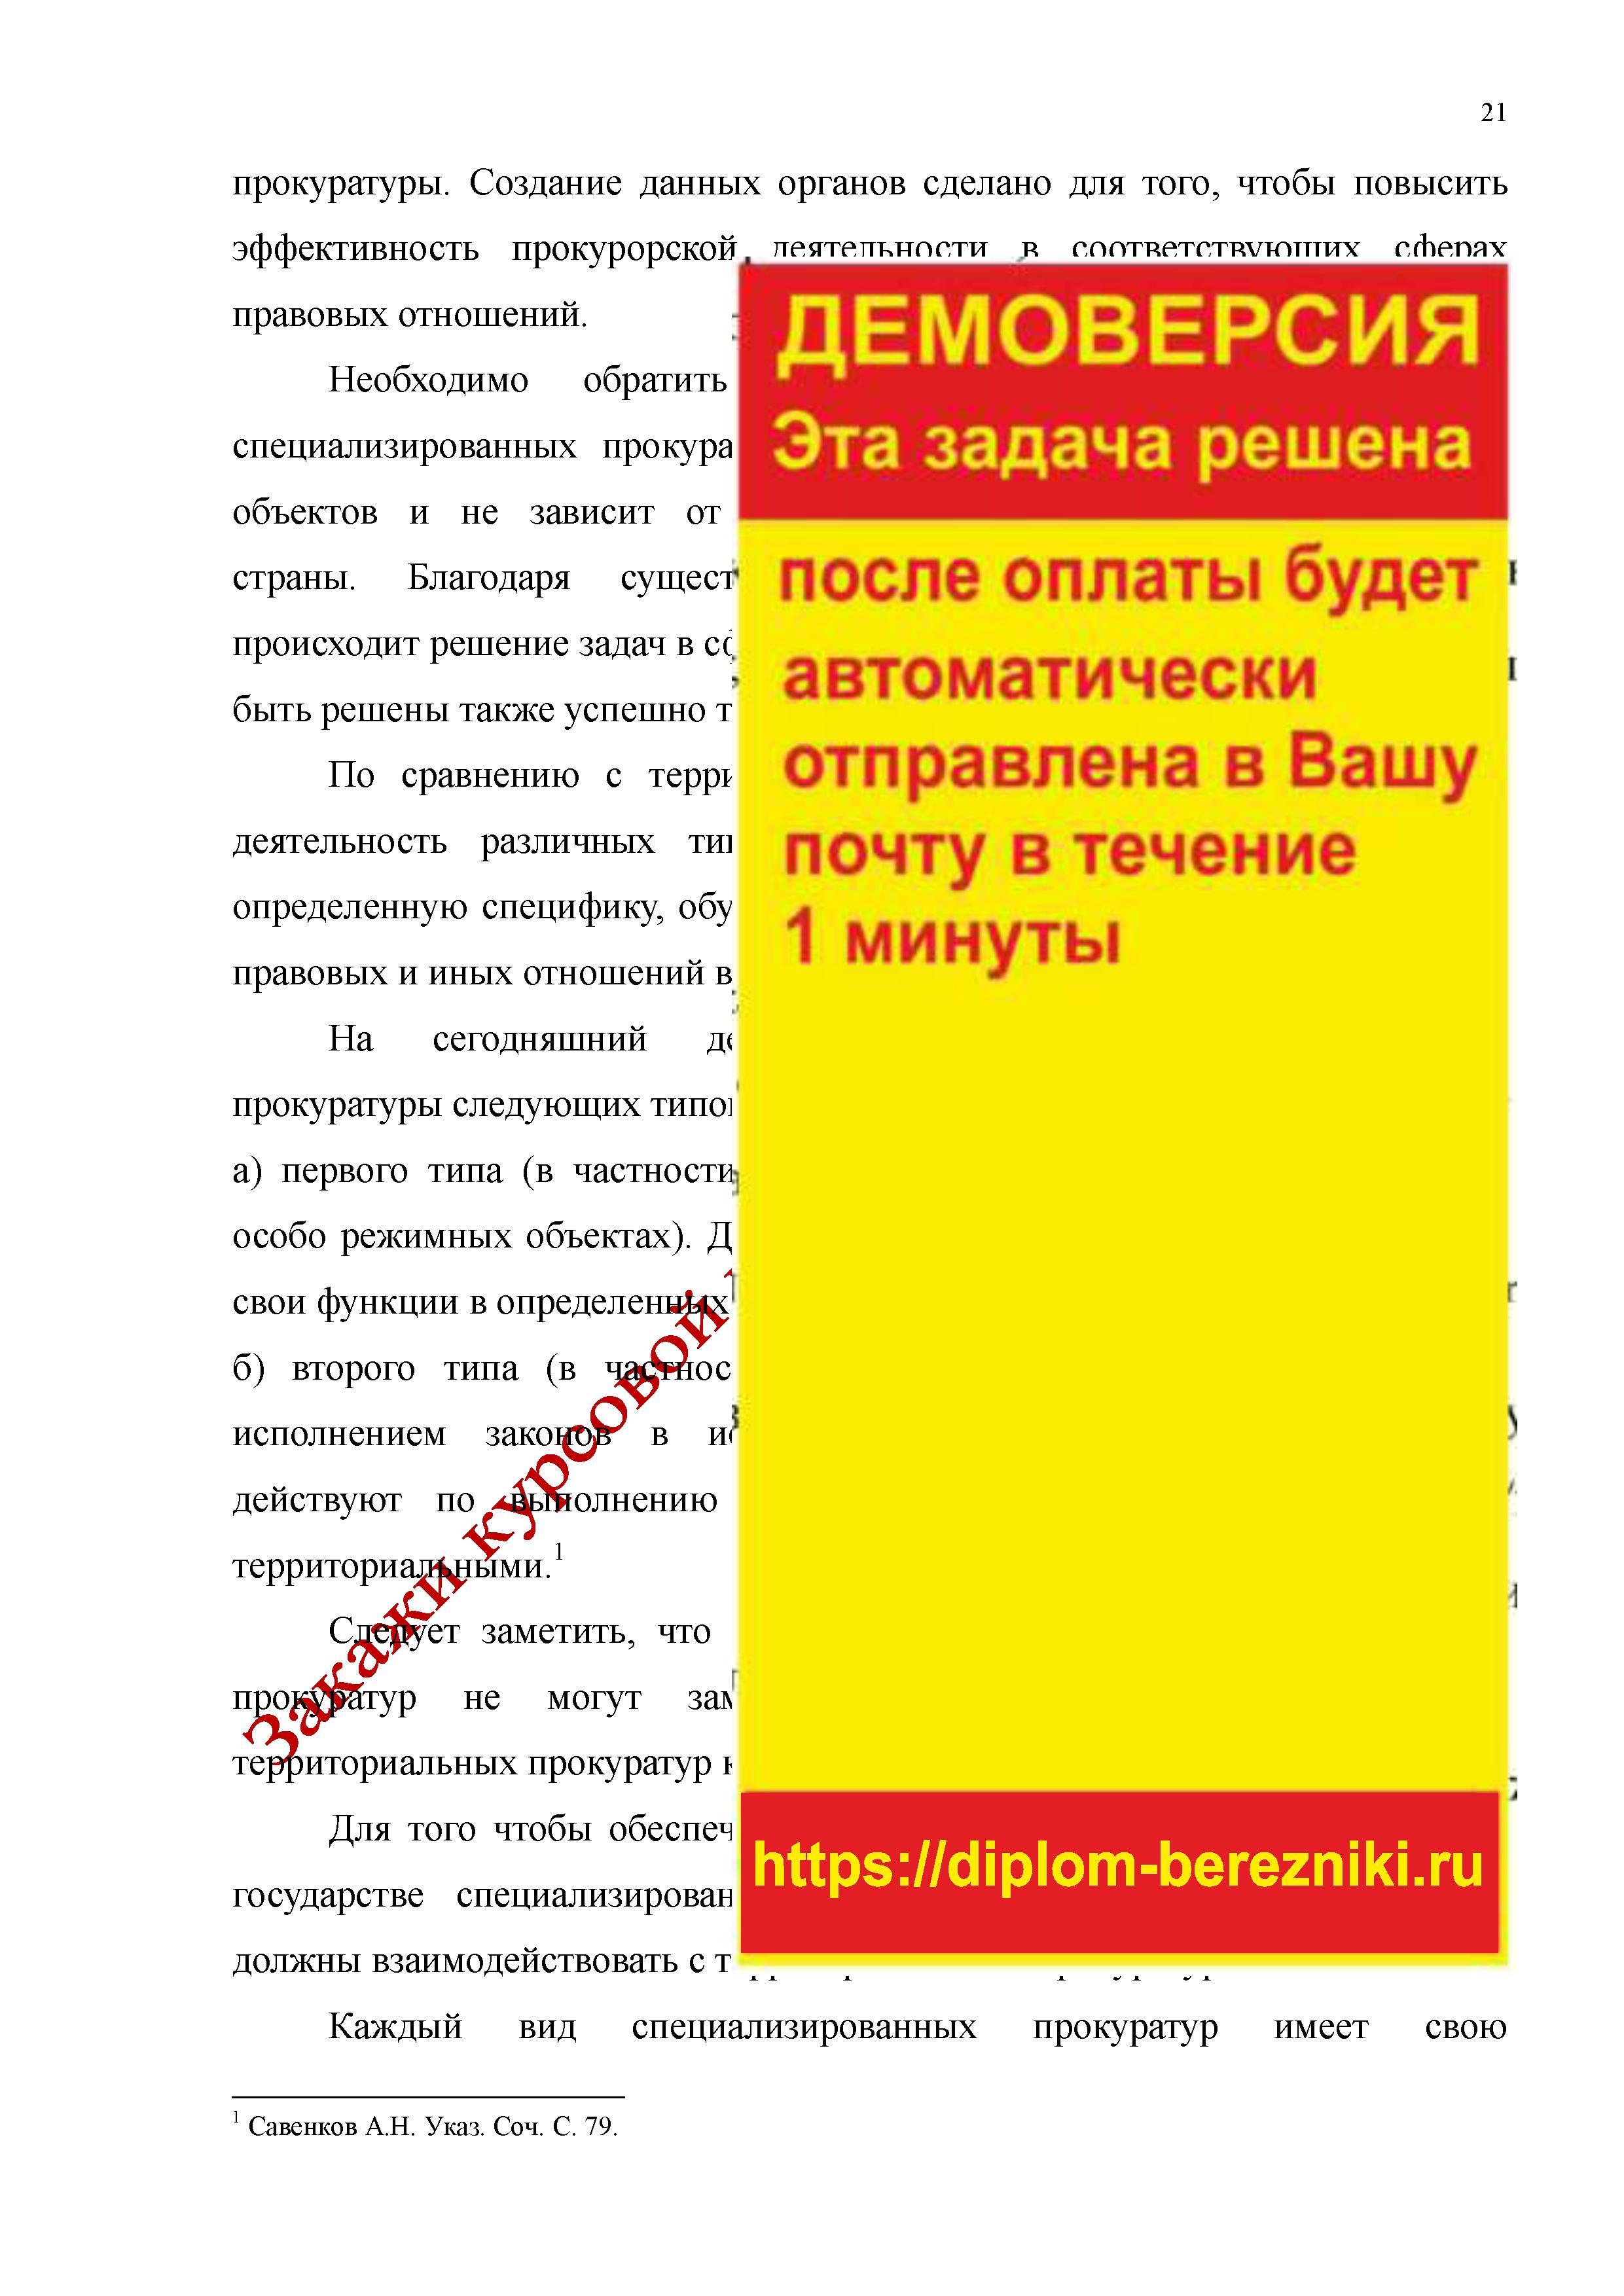 В России прокуратура была учреждена Петром 1